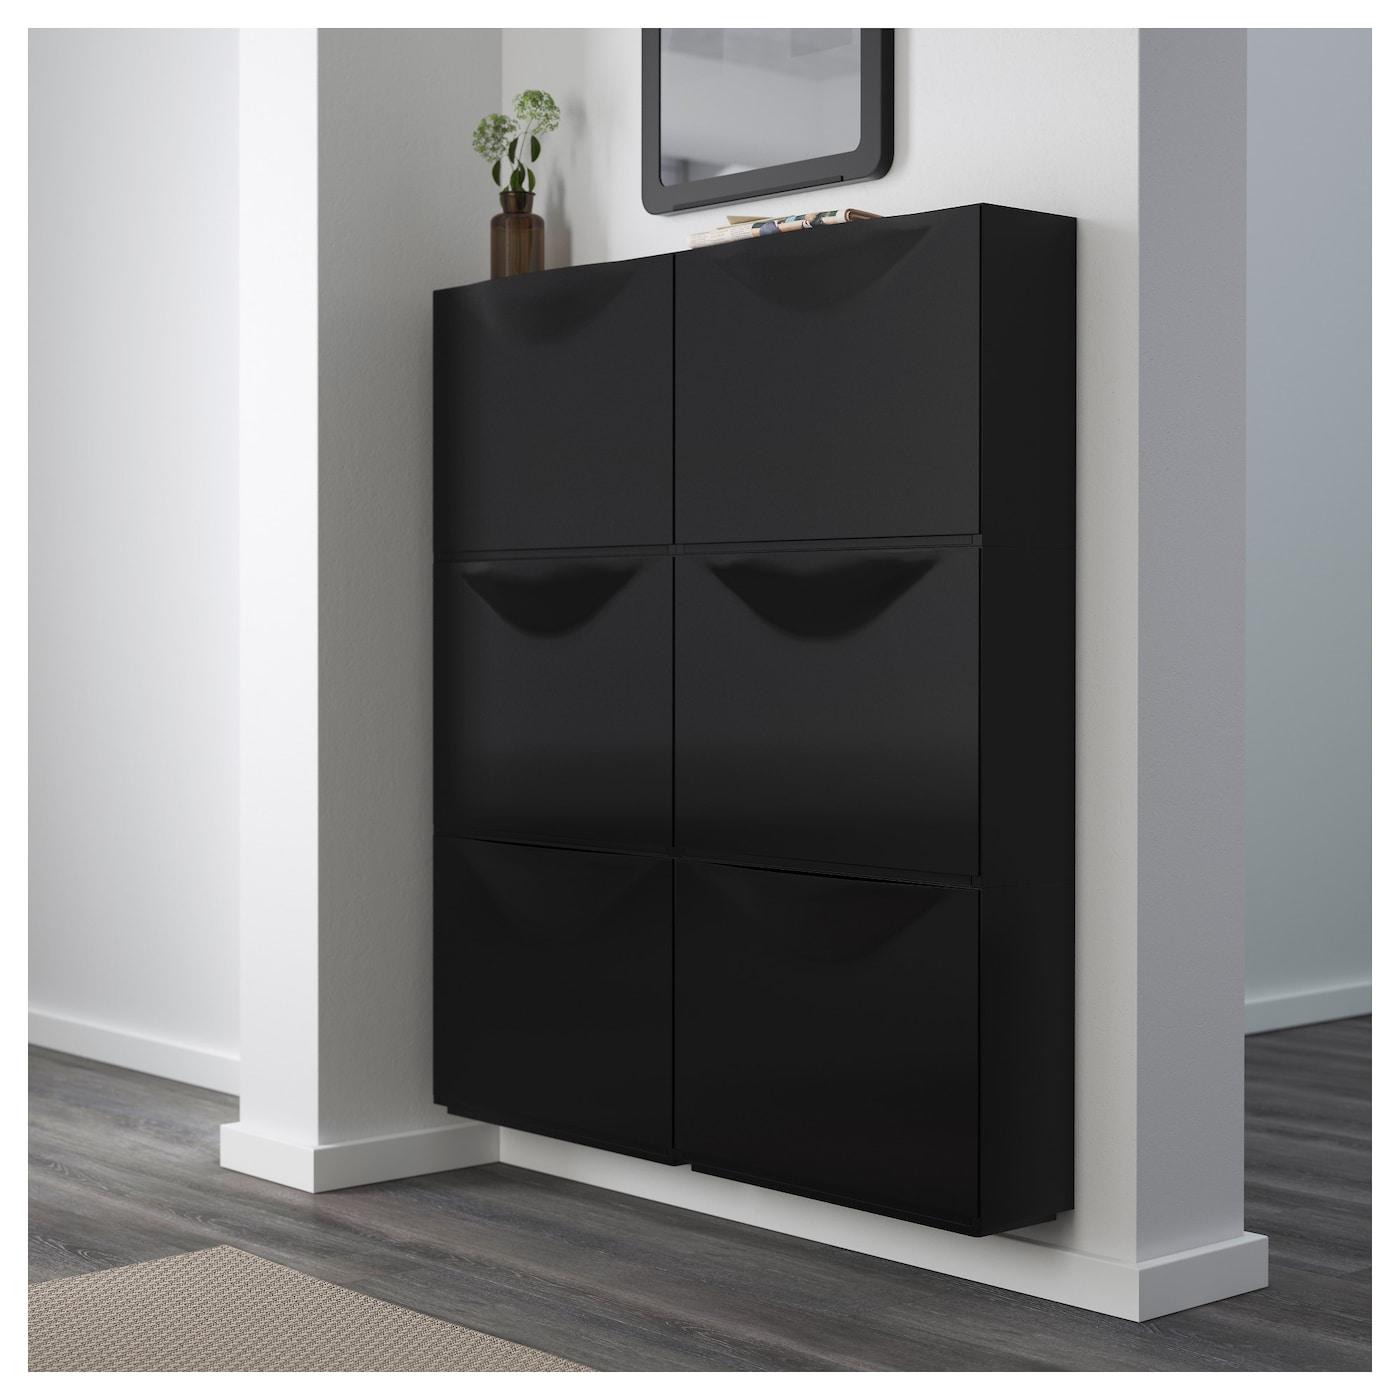 Ikea trones shoe cabinet storage